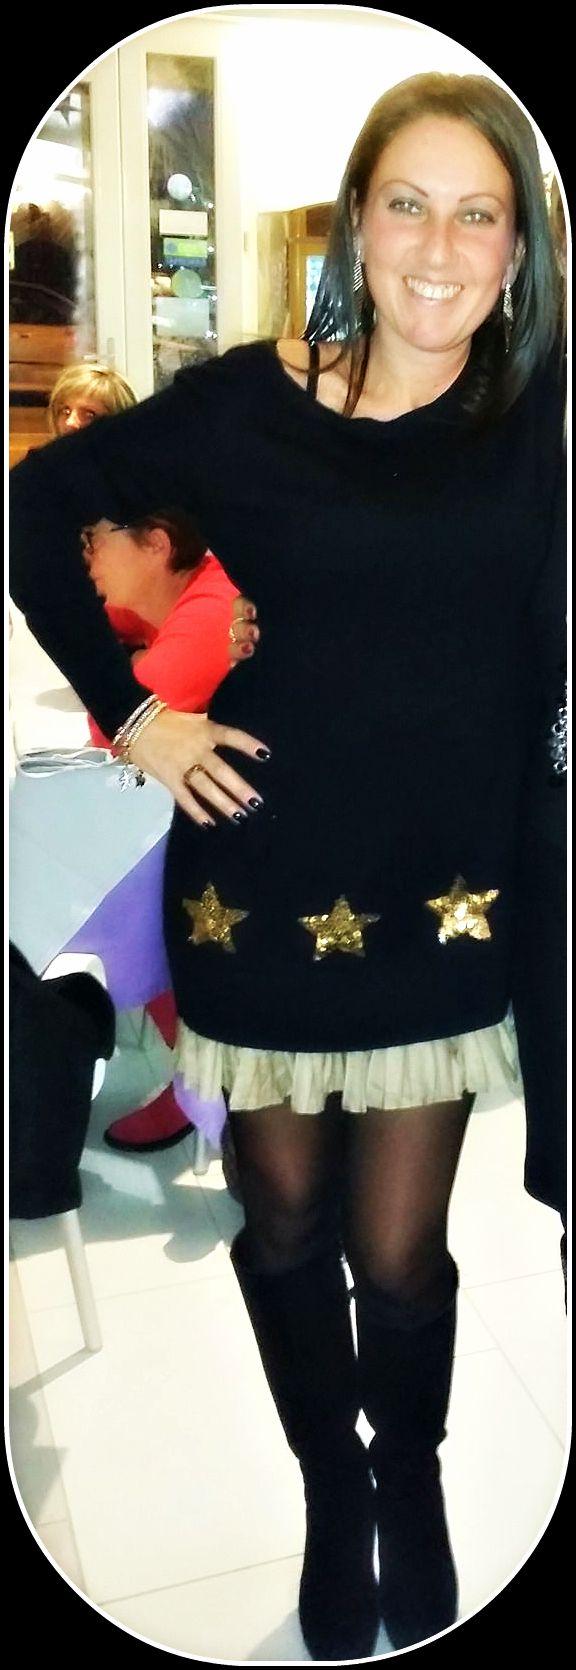 Chiara indossa #abito #pepitastyle in misto lana con applicazione di #stelle in #paillettes e #ricamo. Balza #plissè sul fondo